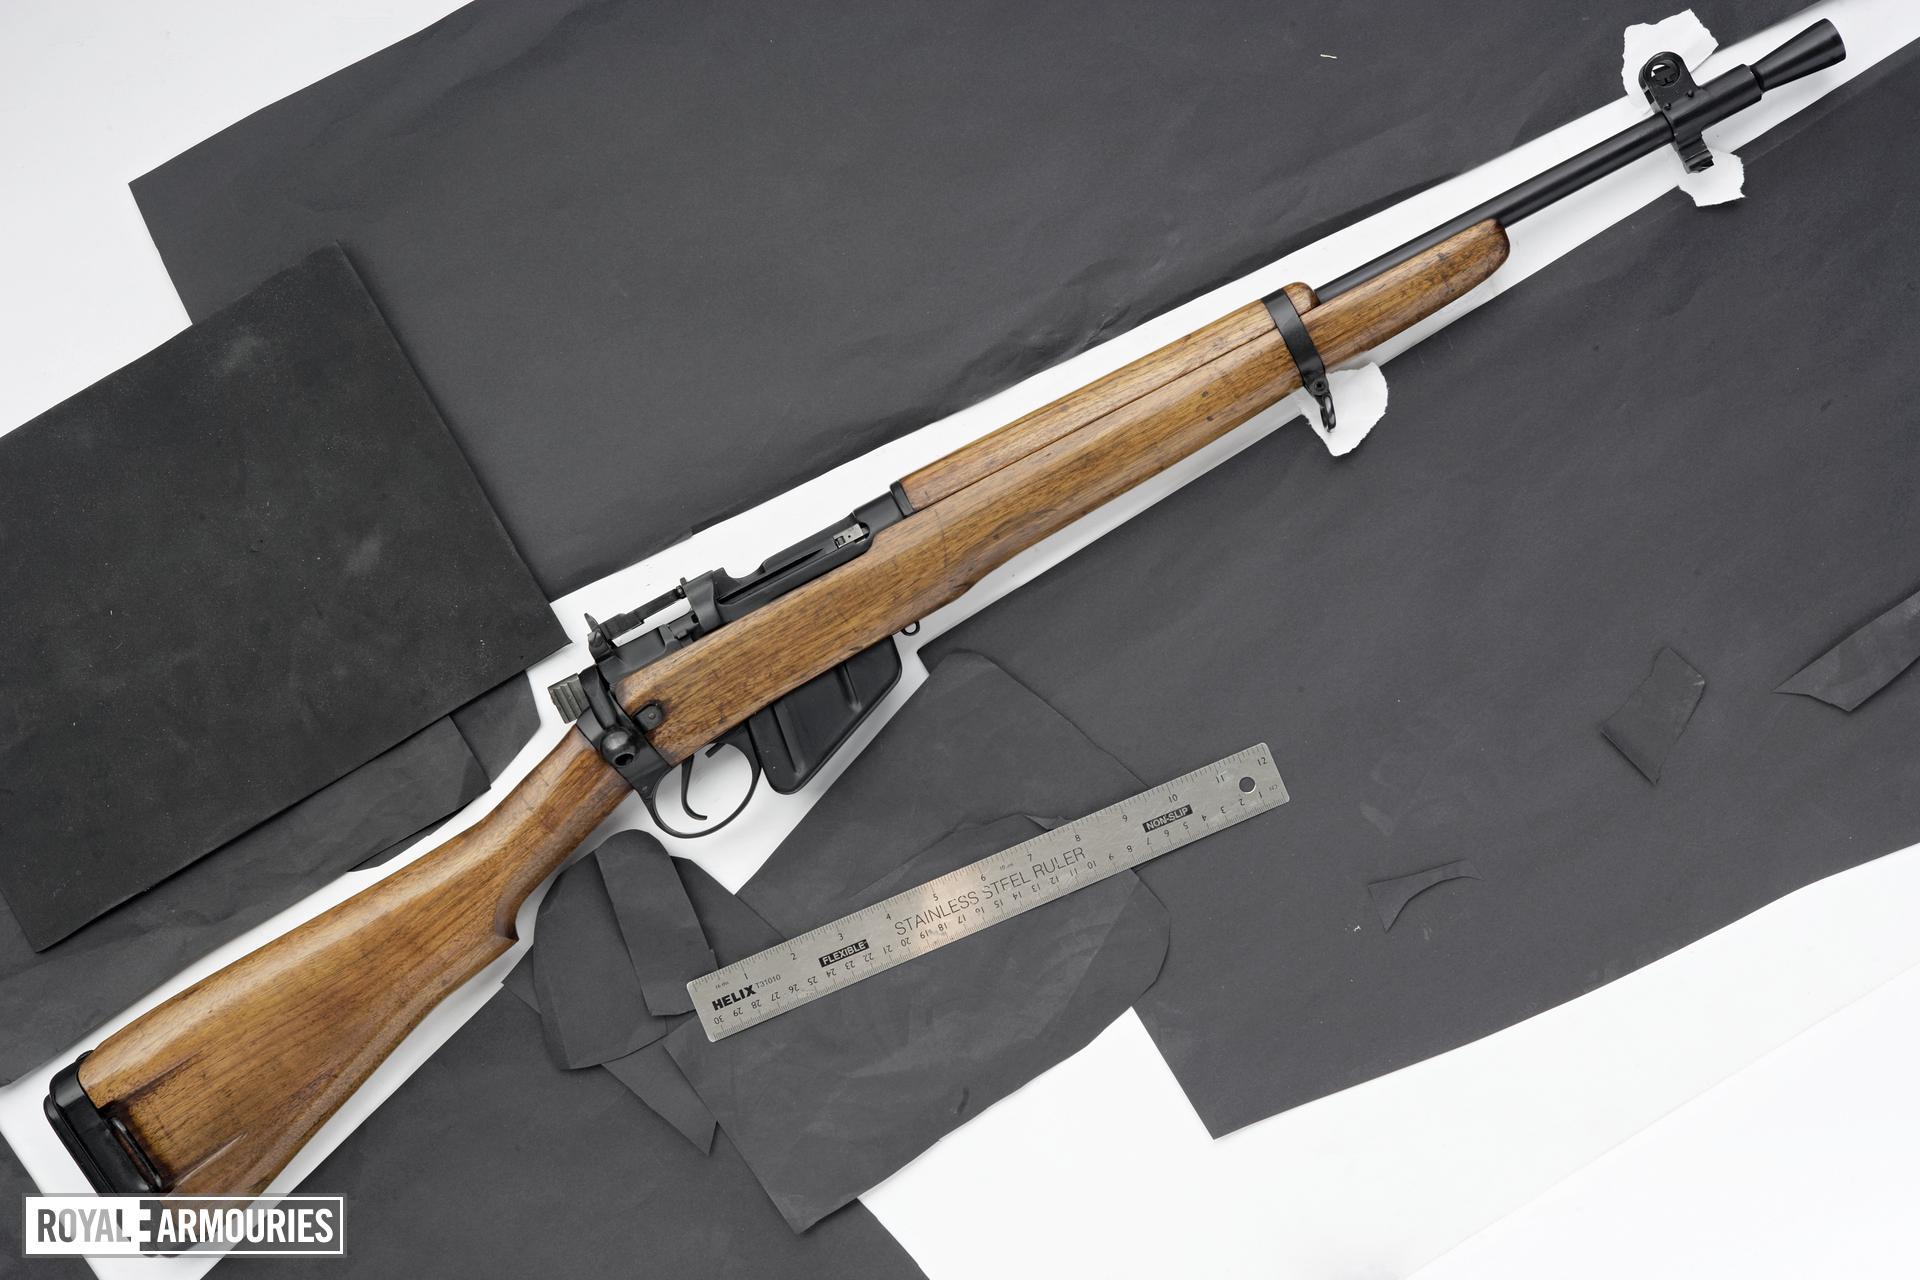 Centrefire bolt-action rifle - No.5 Mk.I